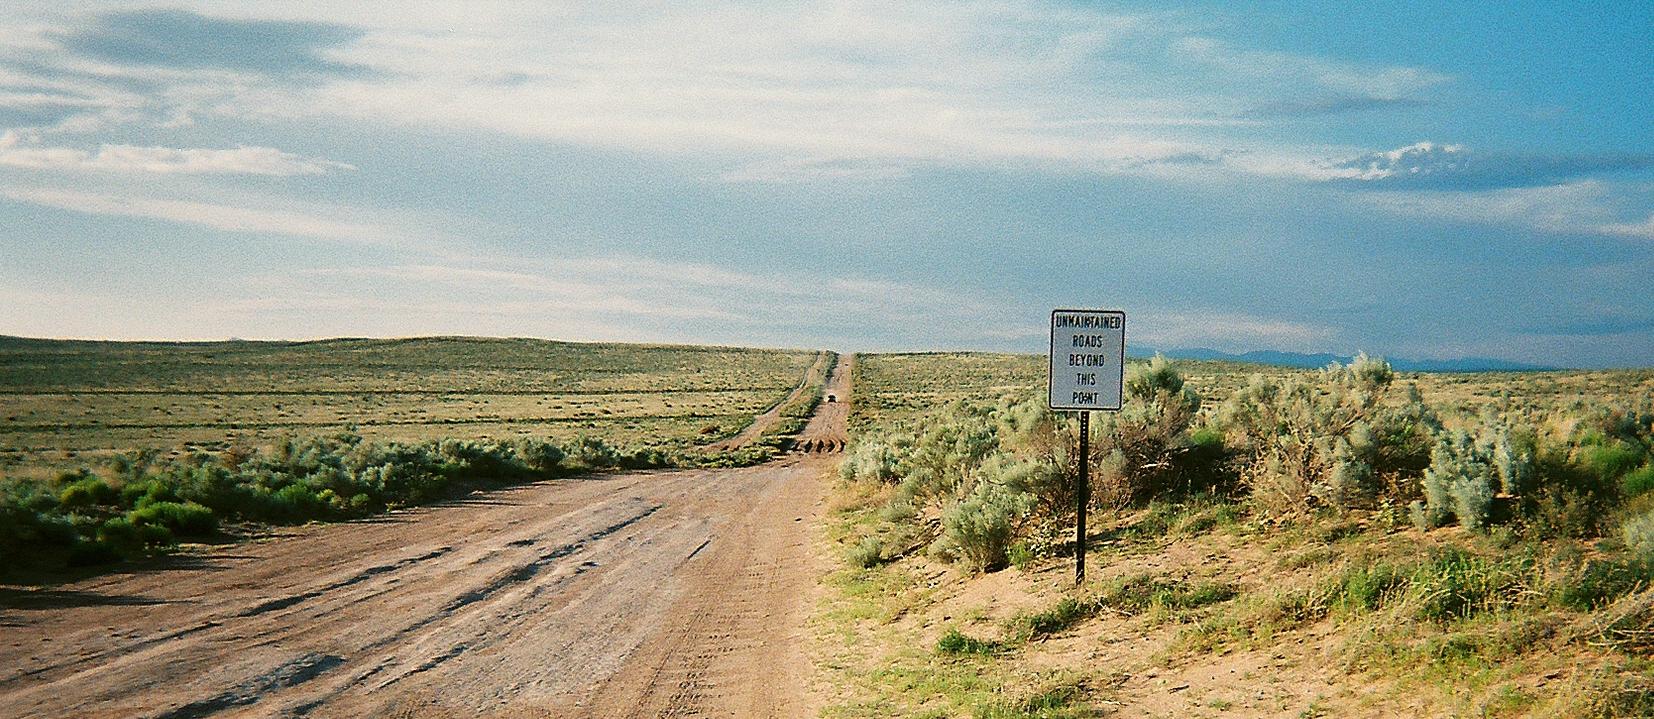 New Toyota Rio Rancho >> Smart Grid 2005   Upcomingcarshq.com